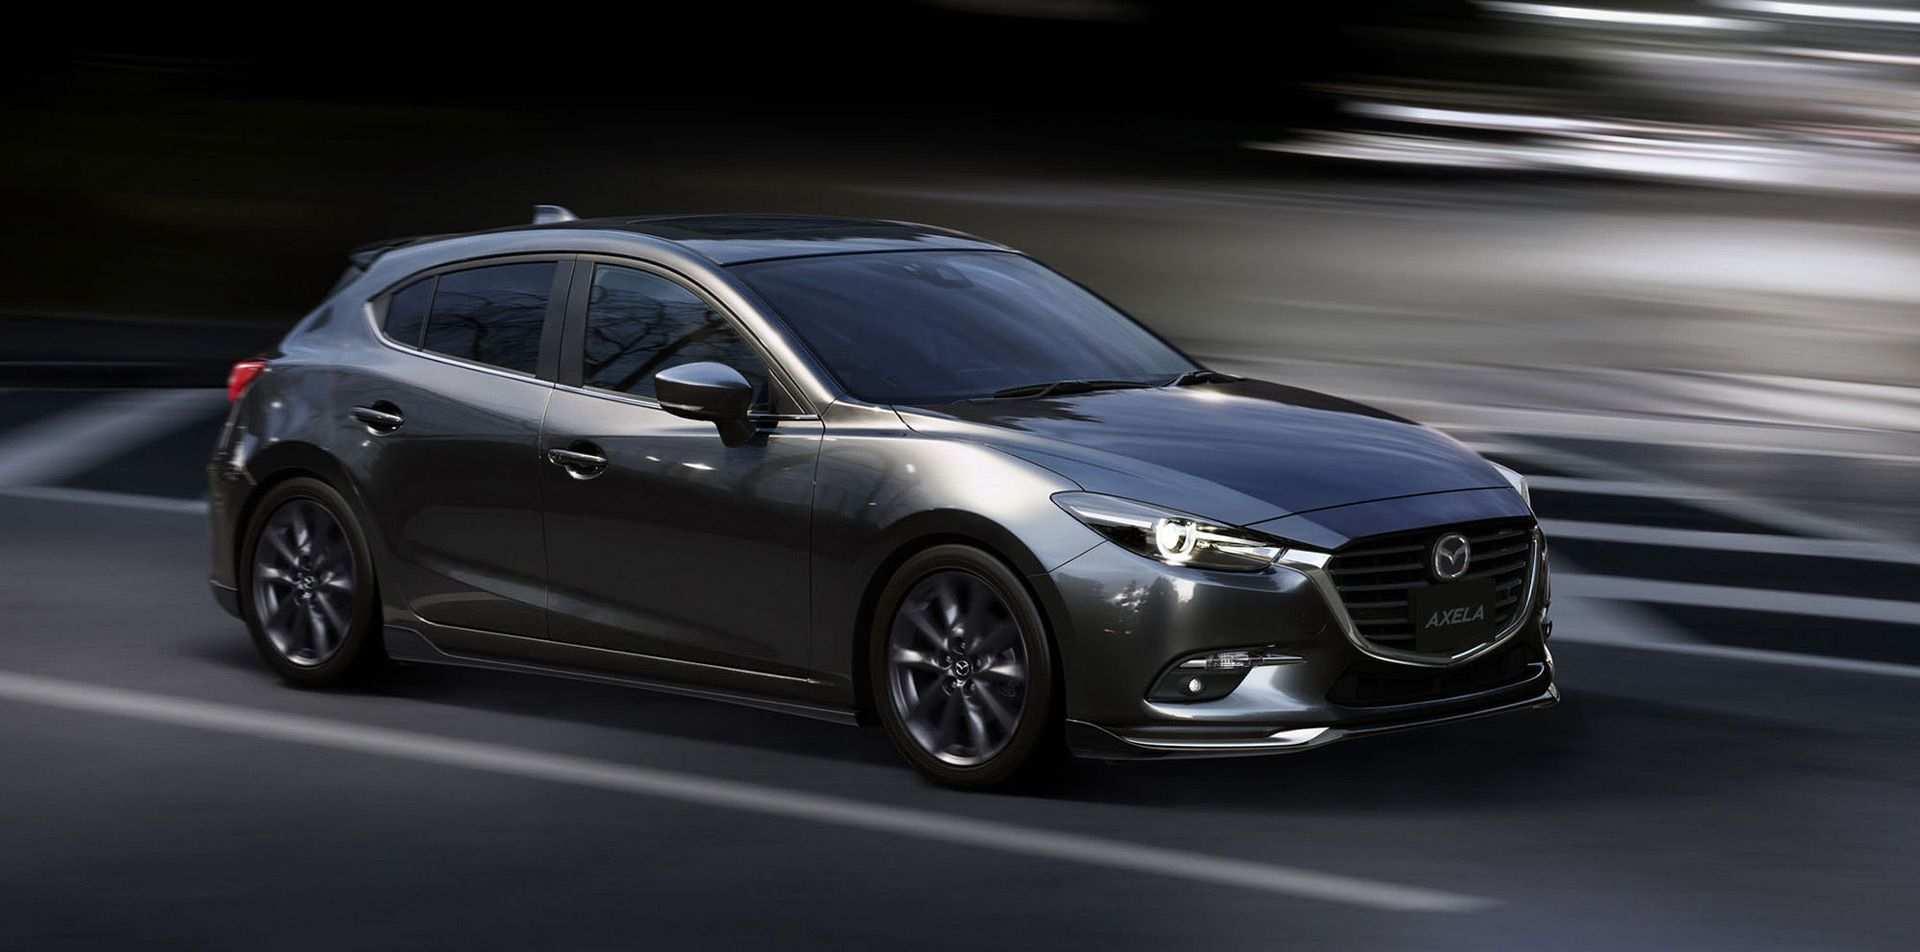 53 The Mazda 3 2020 Hybrid Prices by Mazda 3 2020 Hybrid